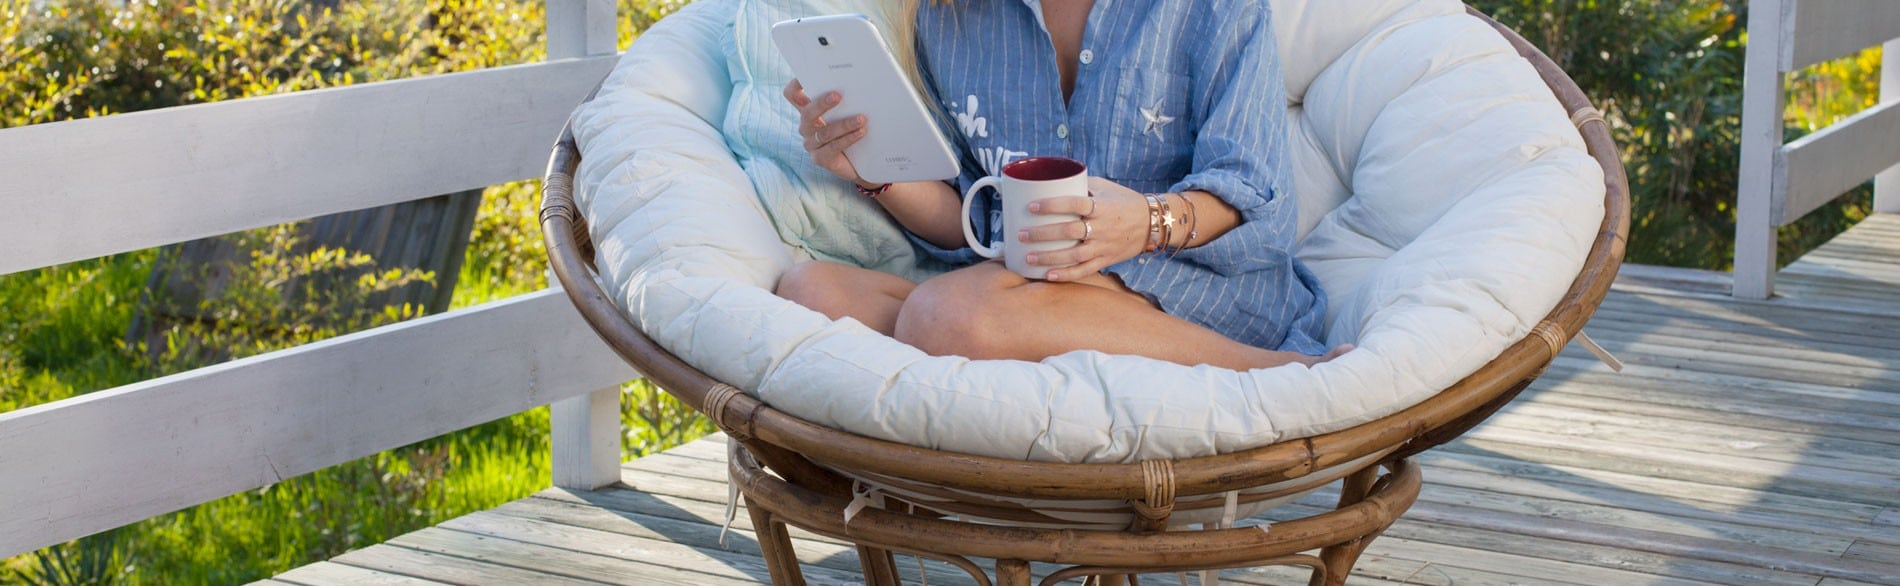 Robes chemises, blouses, tuniques, les nouveautés sont sur le blog horizons lointains